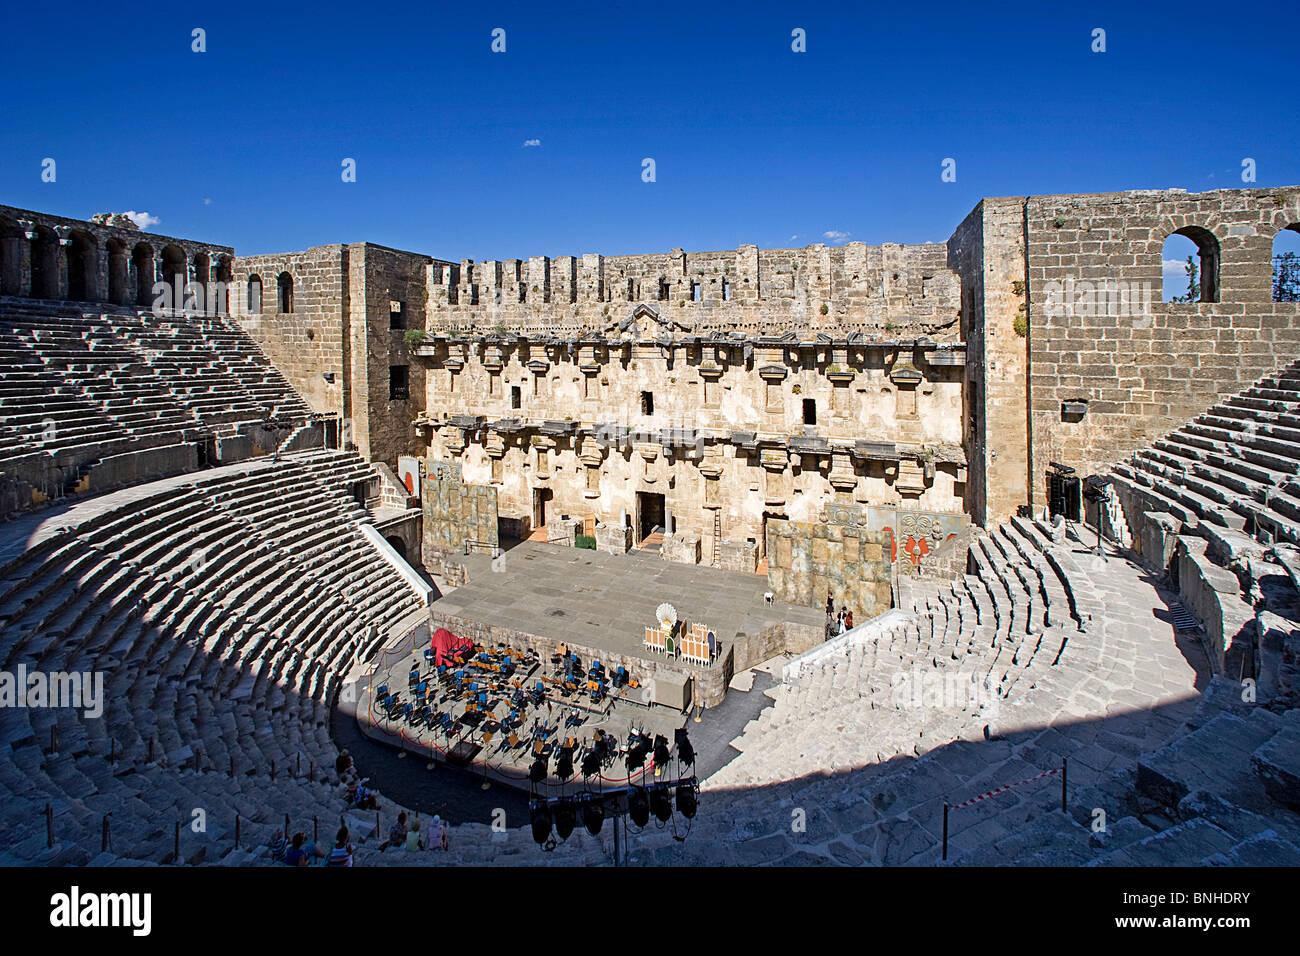 Türkei Juni 2008 antike Stätte antiken Stadt Aspendos Stadt historische Ruine Ruinen römischen Geschichte Stockbild